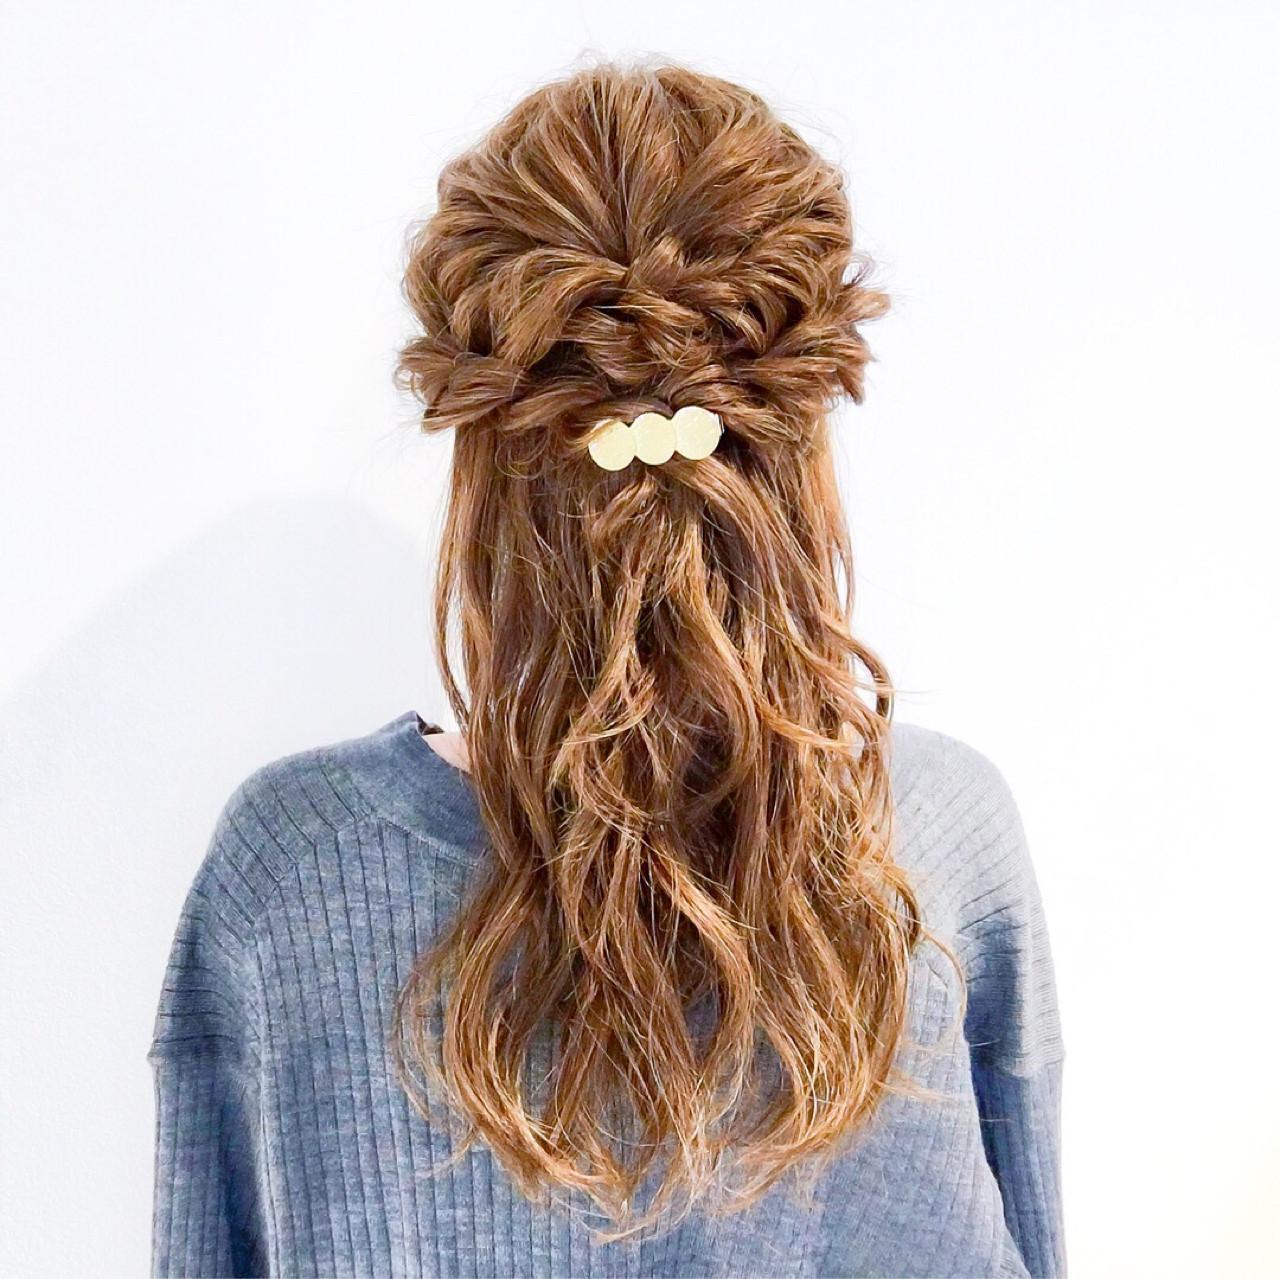 ロング フェミニン 結婚式 ヘアアレンジ ヘアスタイルや髪型の写真・画像